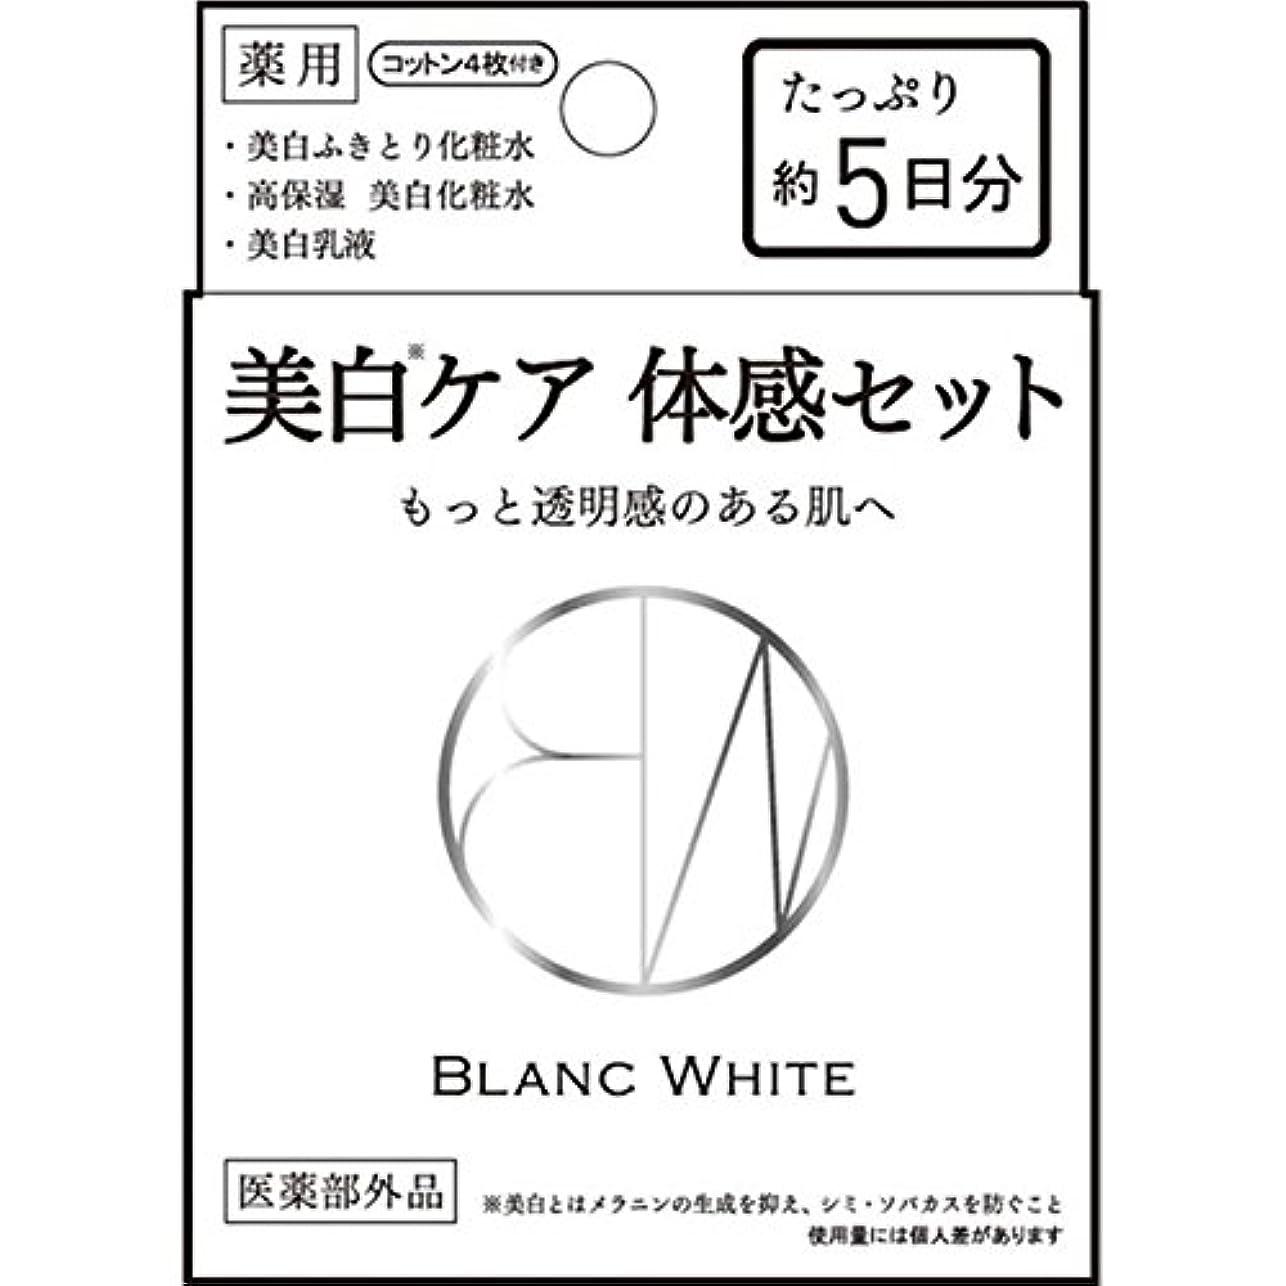 空白矛盾する予見するブランホワイト トライアルセット 3種混合セット (医薬部外品)